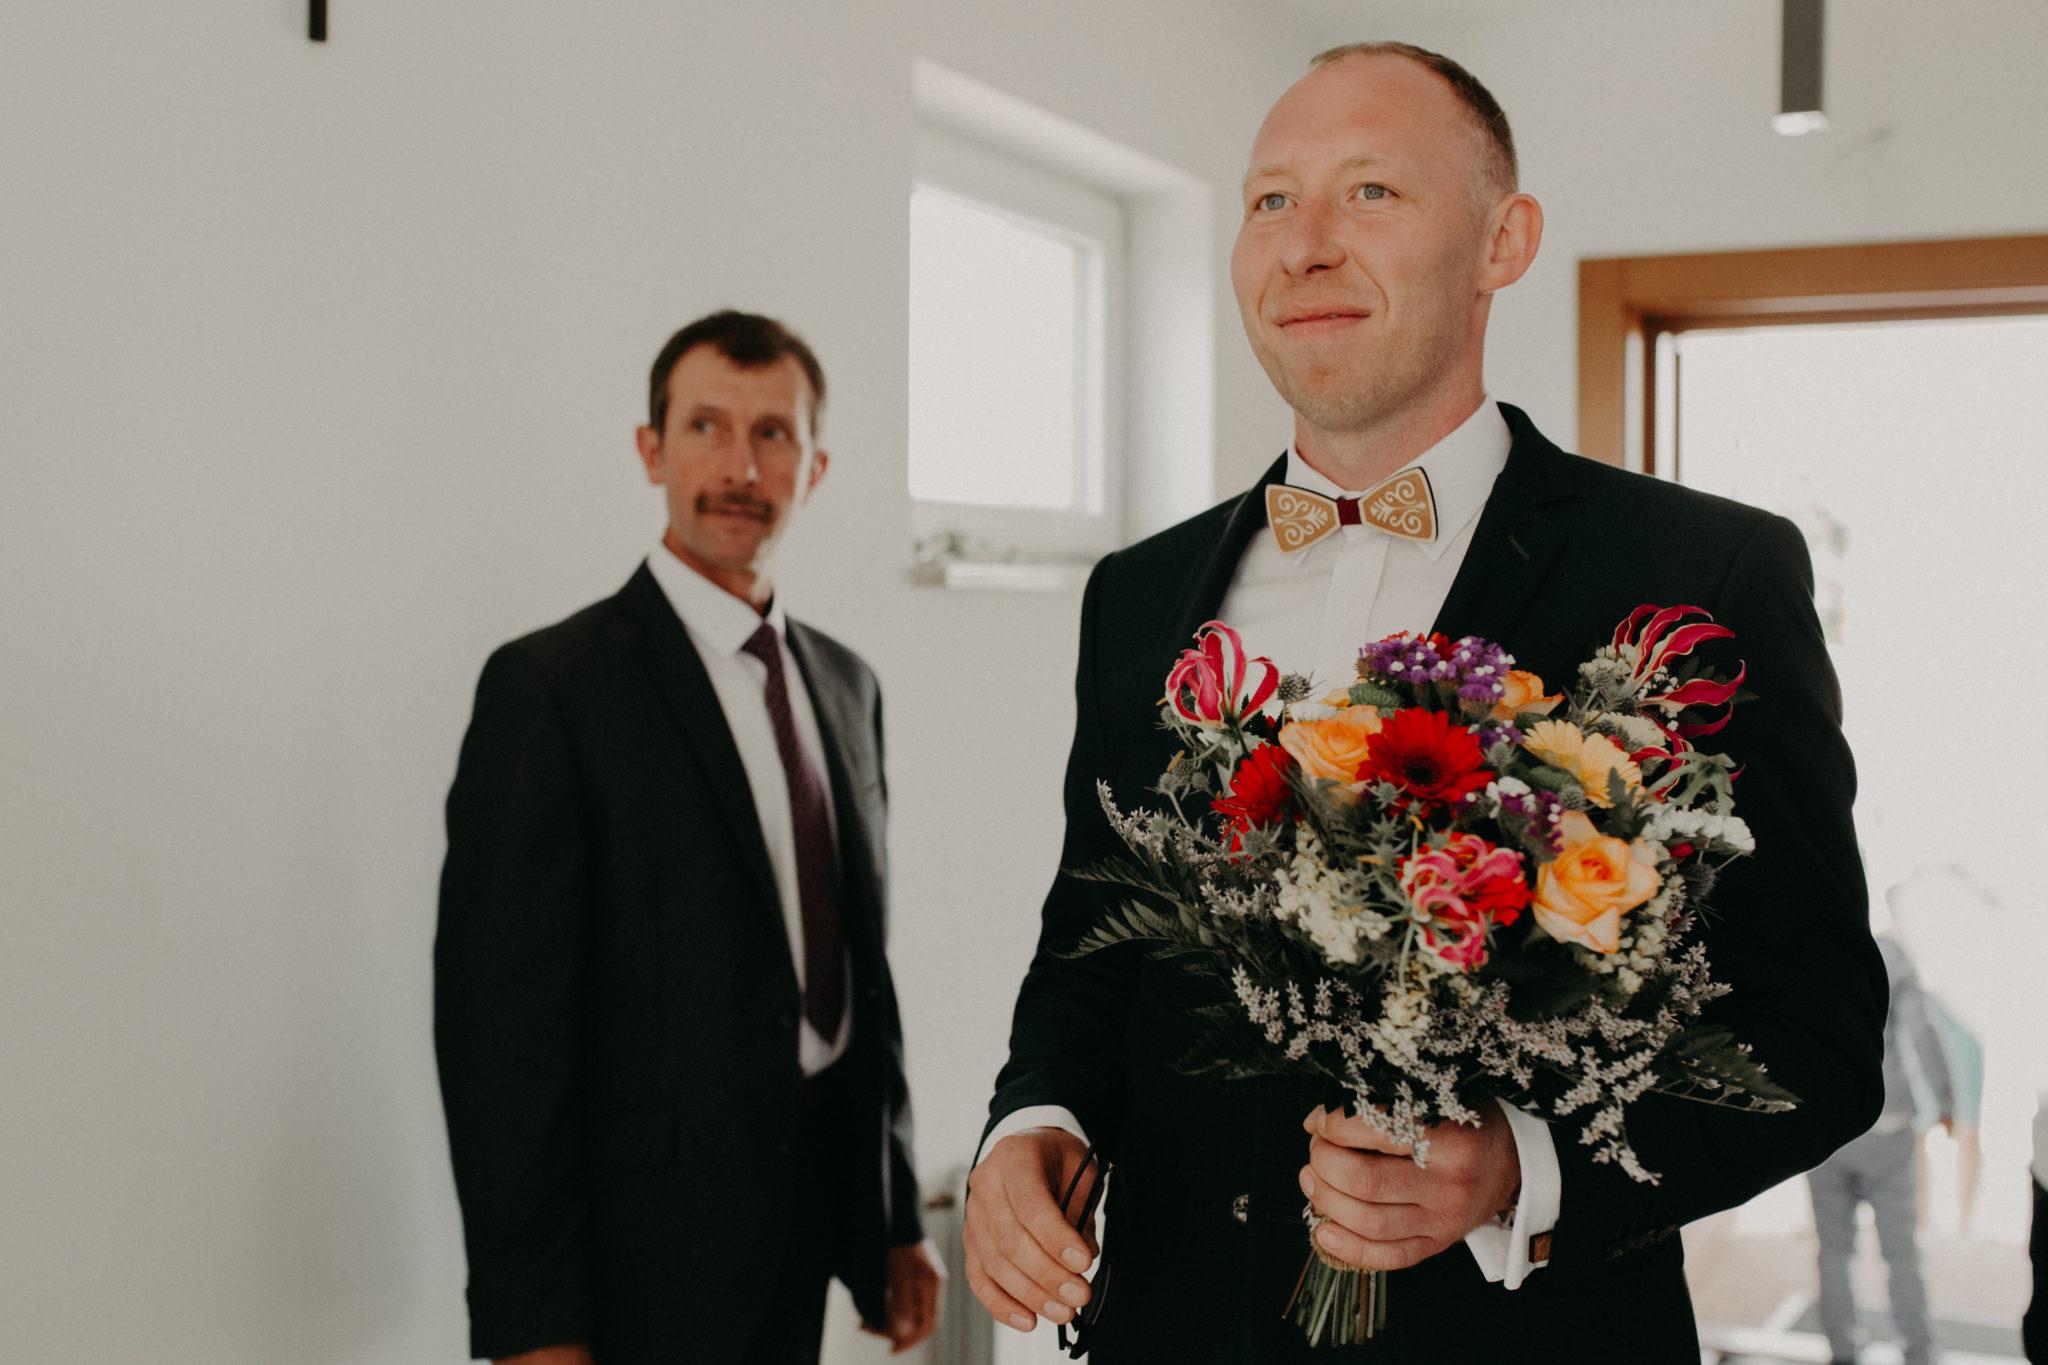 gosia i kuba35 1 - fotografiagk Fotografia ślubna RK wedding